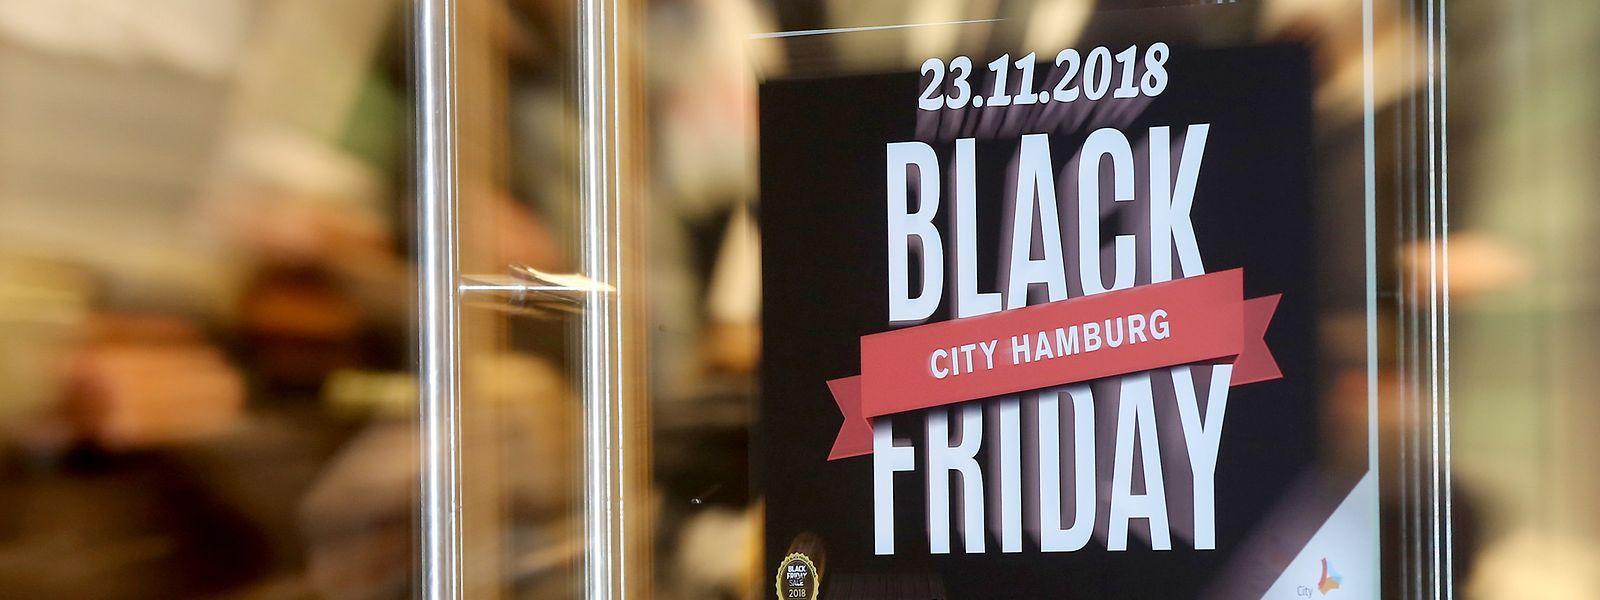 Aufgepasst: Nicht jeder Rabatt, der rund um den Black Friday als solcher angepriesen wird, ist auch wirklich einer.